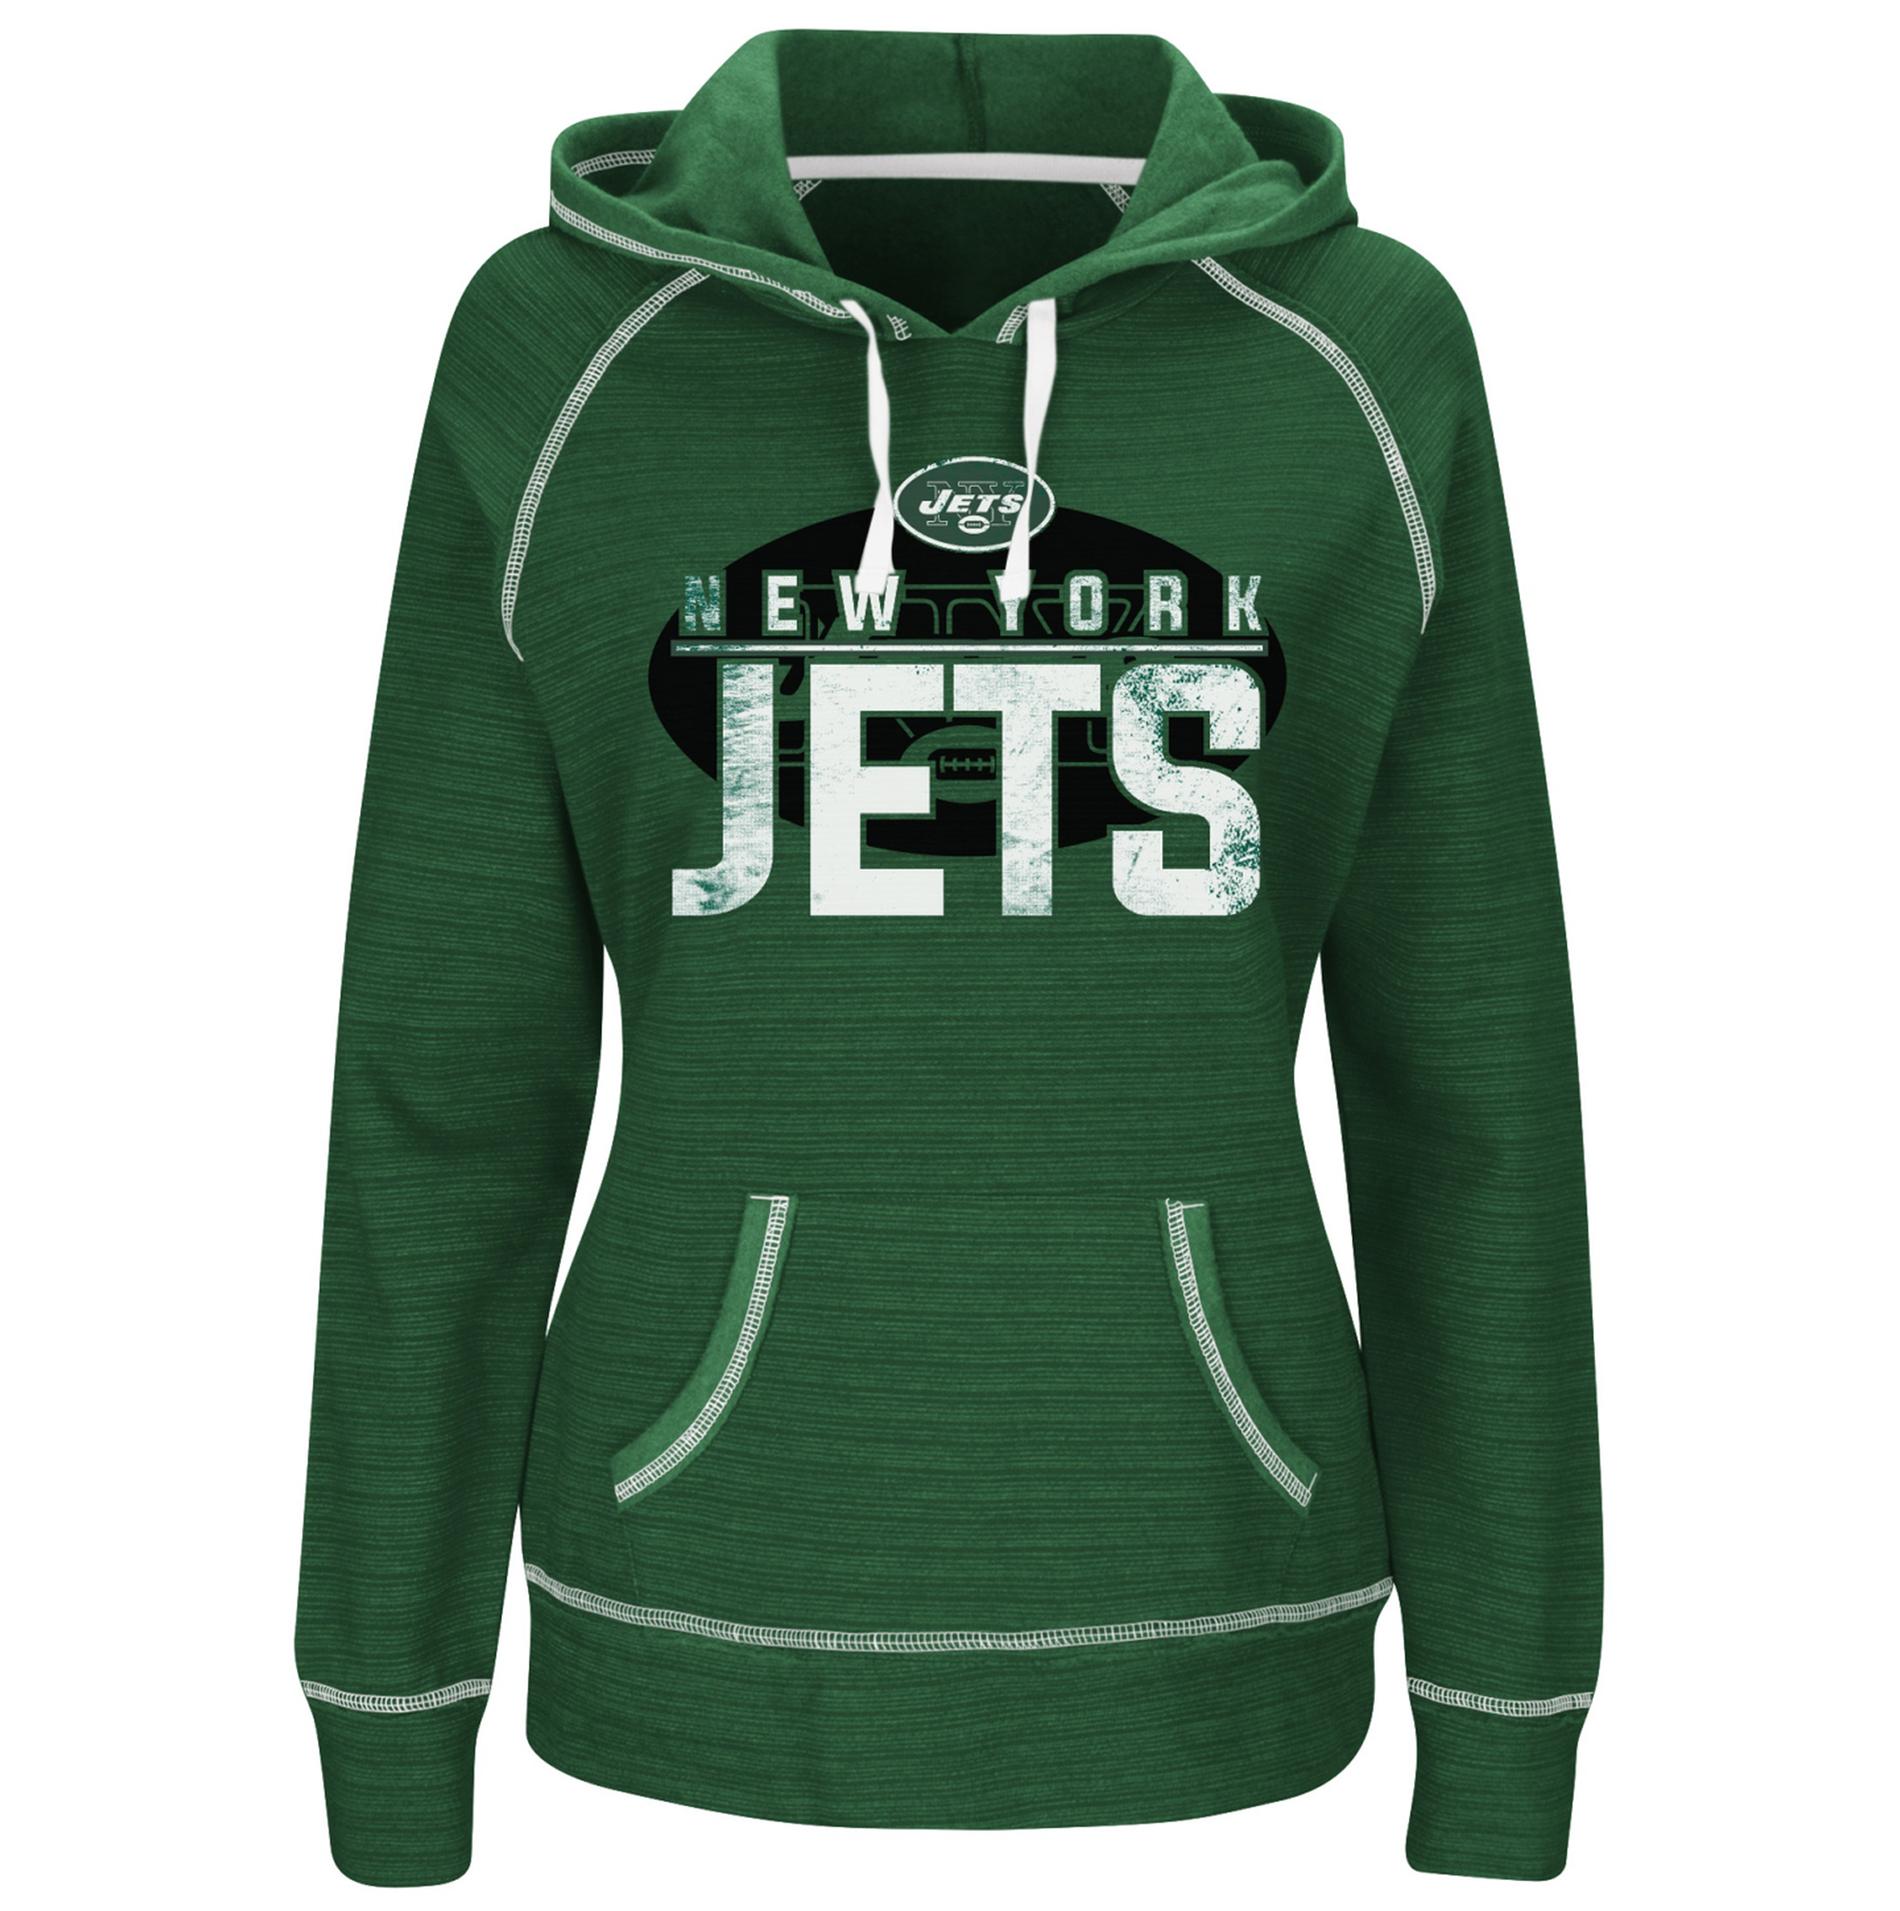 NFL Women's Team Hoodie - New York Jets PartNumber: 046VA99877612P MfgPartNumber: DKLF-7ZP